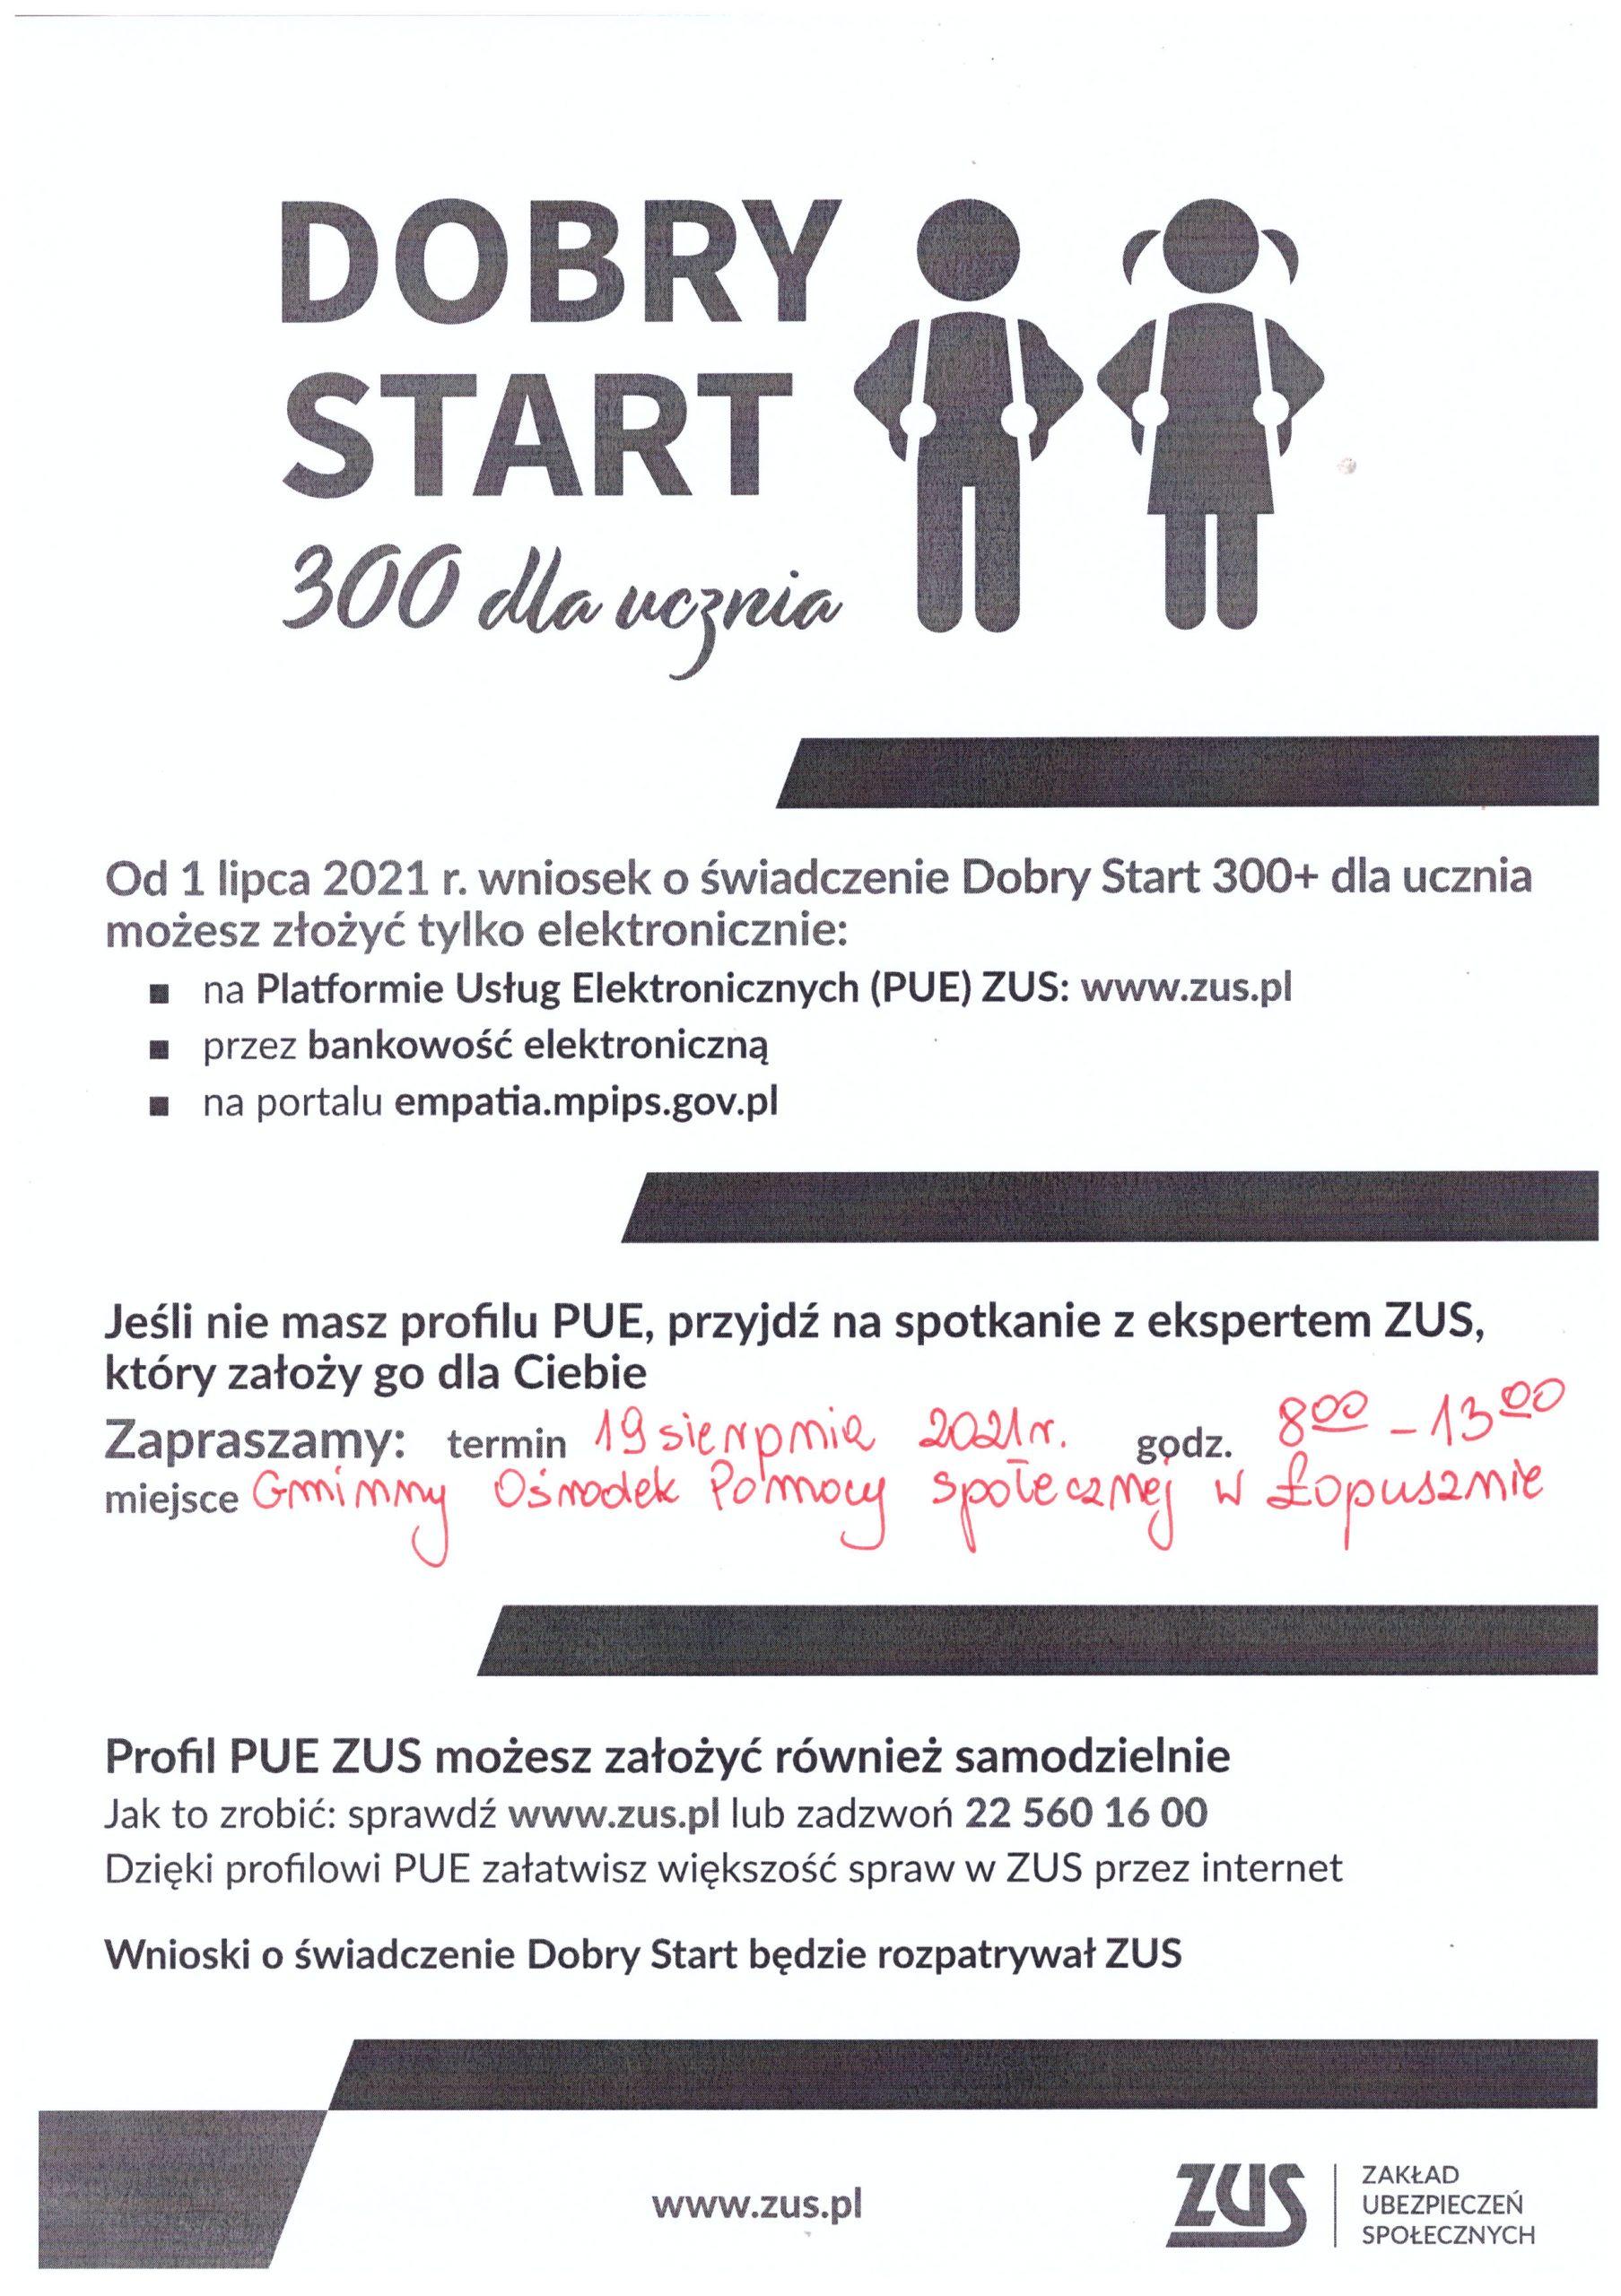 Jak założyć profil zaufany i ubiegać się o świadczenie Dobry Start 300 dla ucznia ?  – spotkanie z ekspertem ZUS !!!, Gminny Ośrodek Pomocy Społecznej w Łopusznie